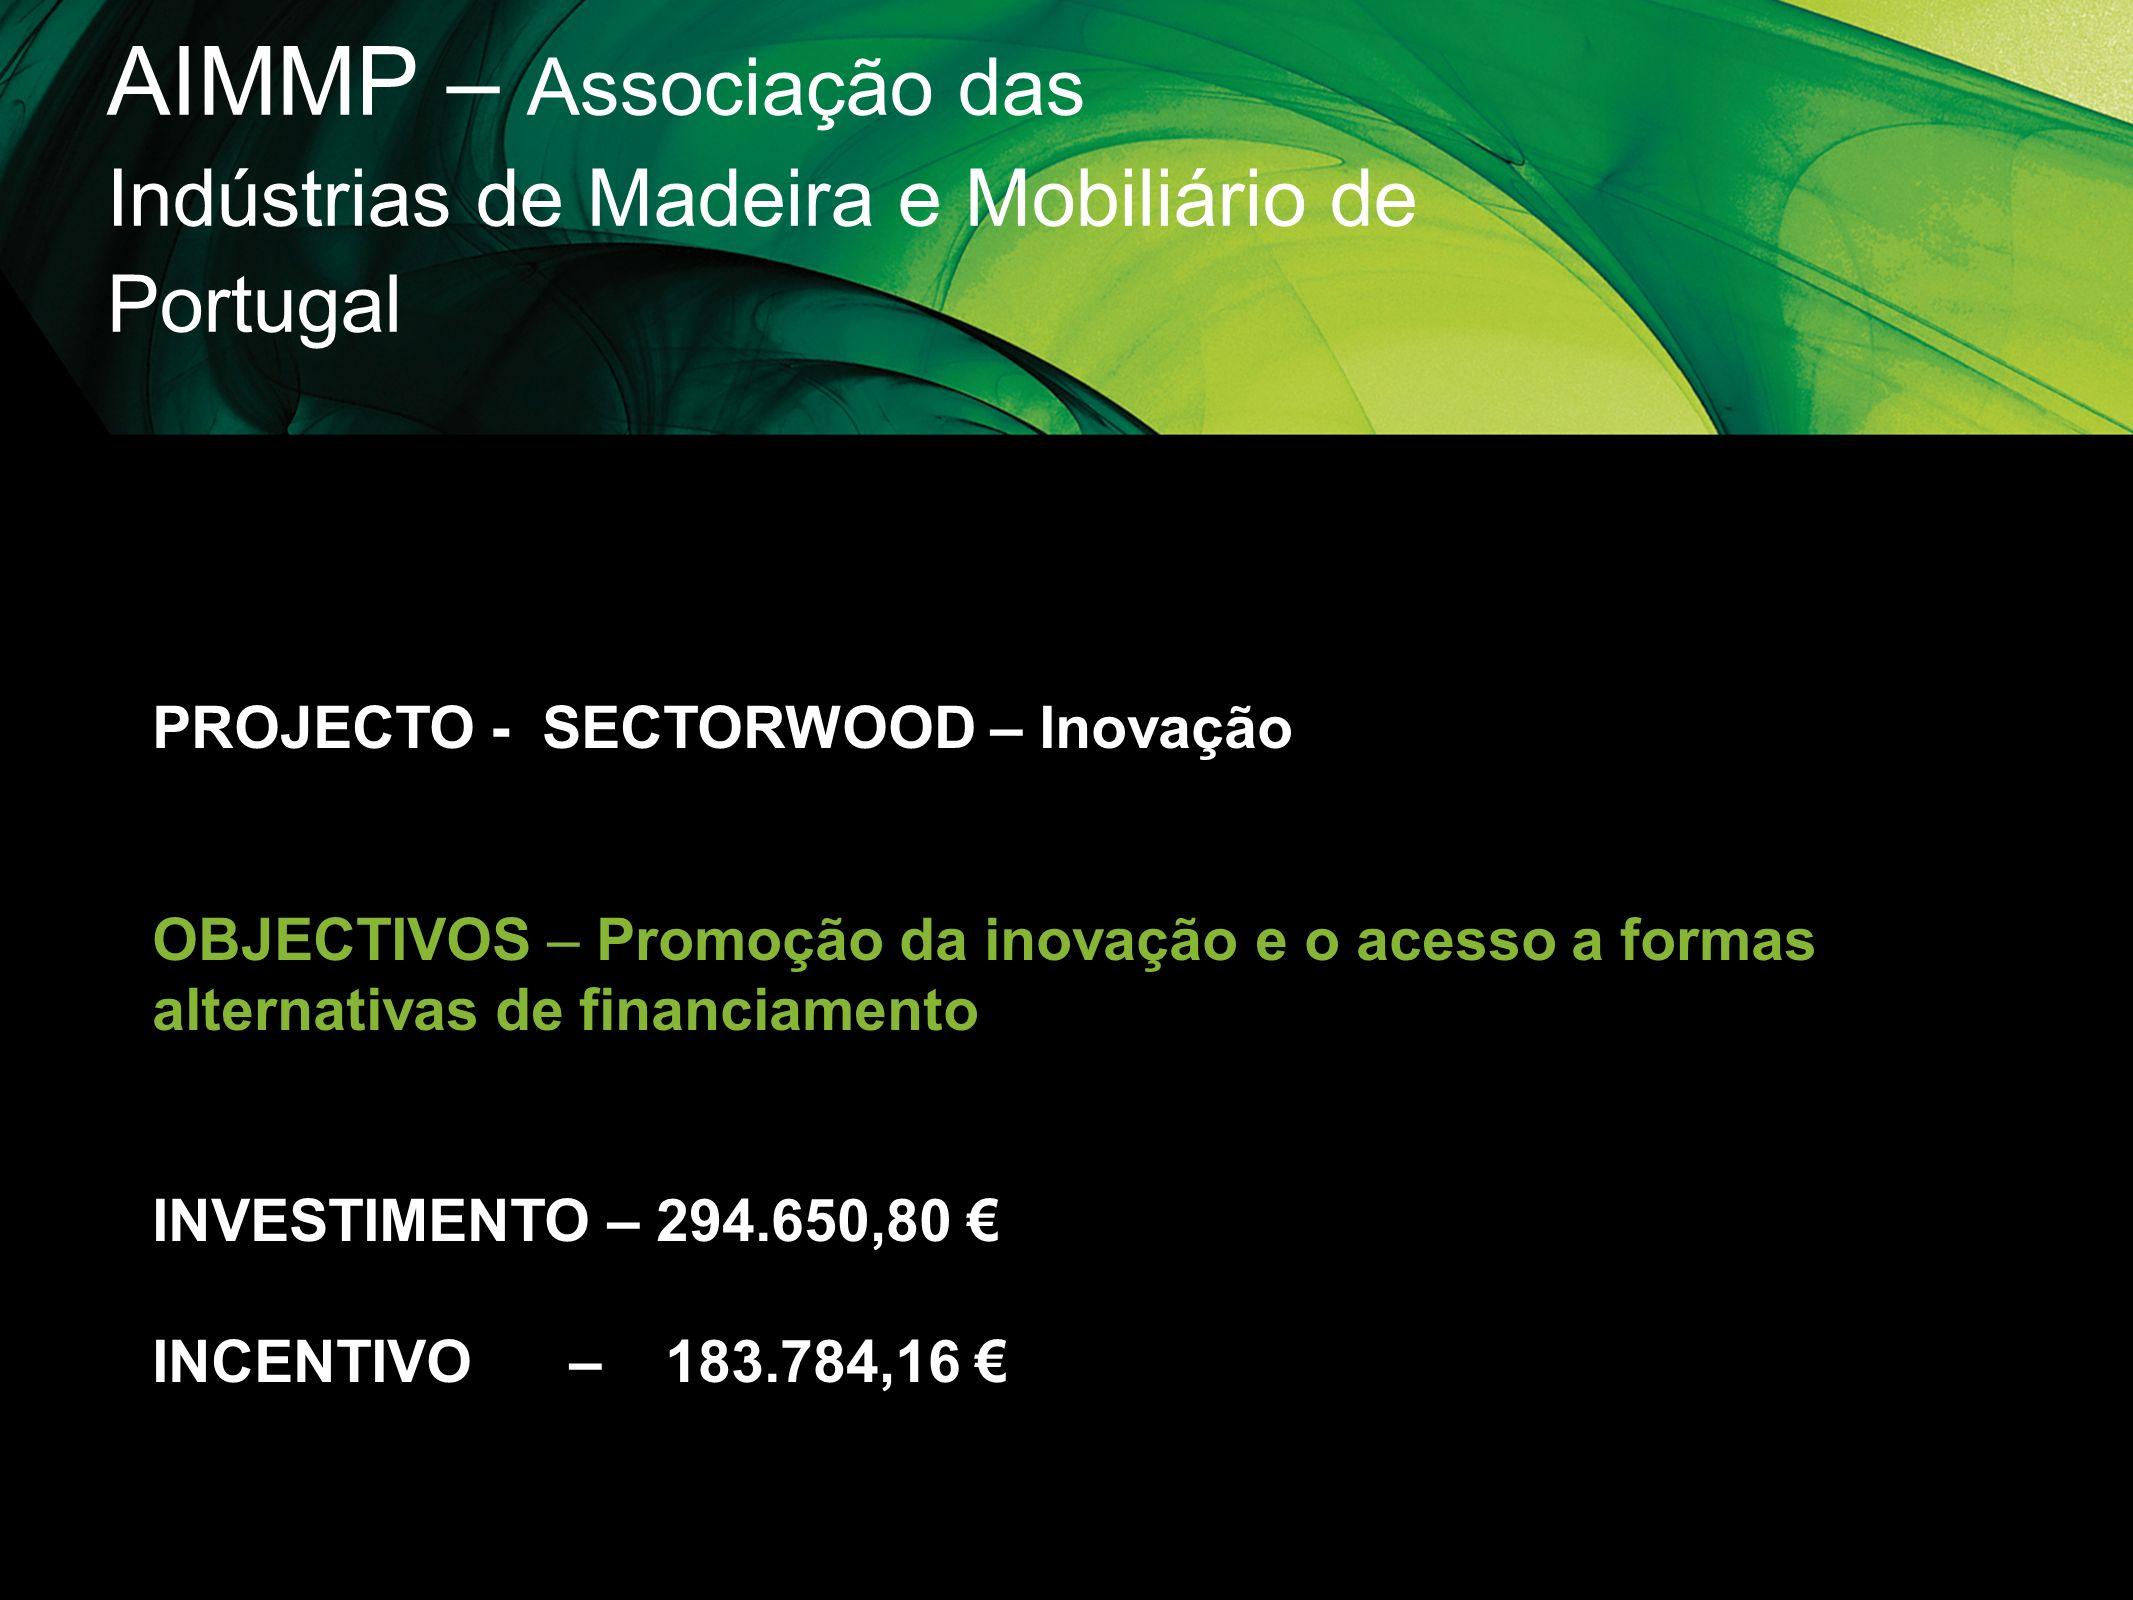 AIMMP – Associação das Indústrias de Madeira e Mobiliário de Portugal PROJECTO - SECTORWOOD – Inovação OBJECTIVOS – Promoção da inovação e o acesso a